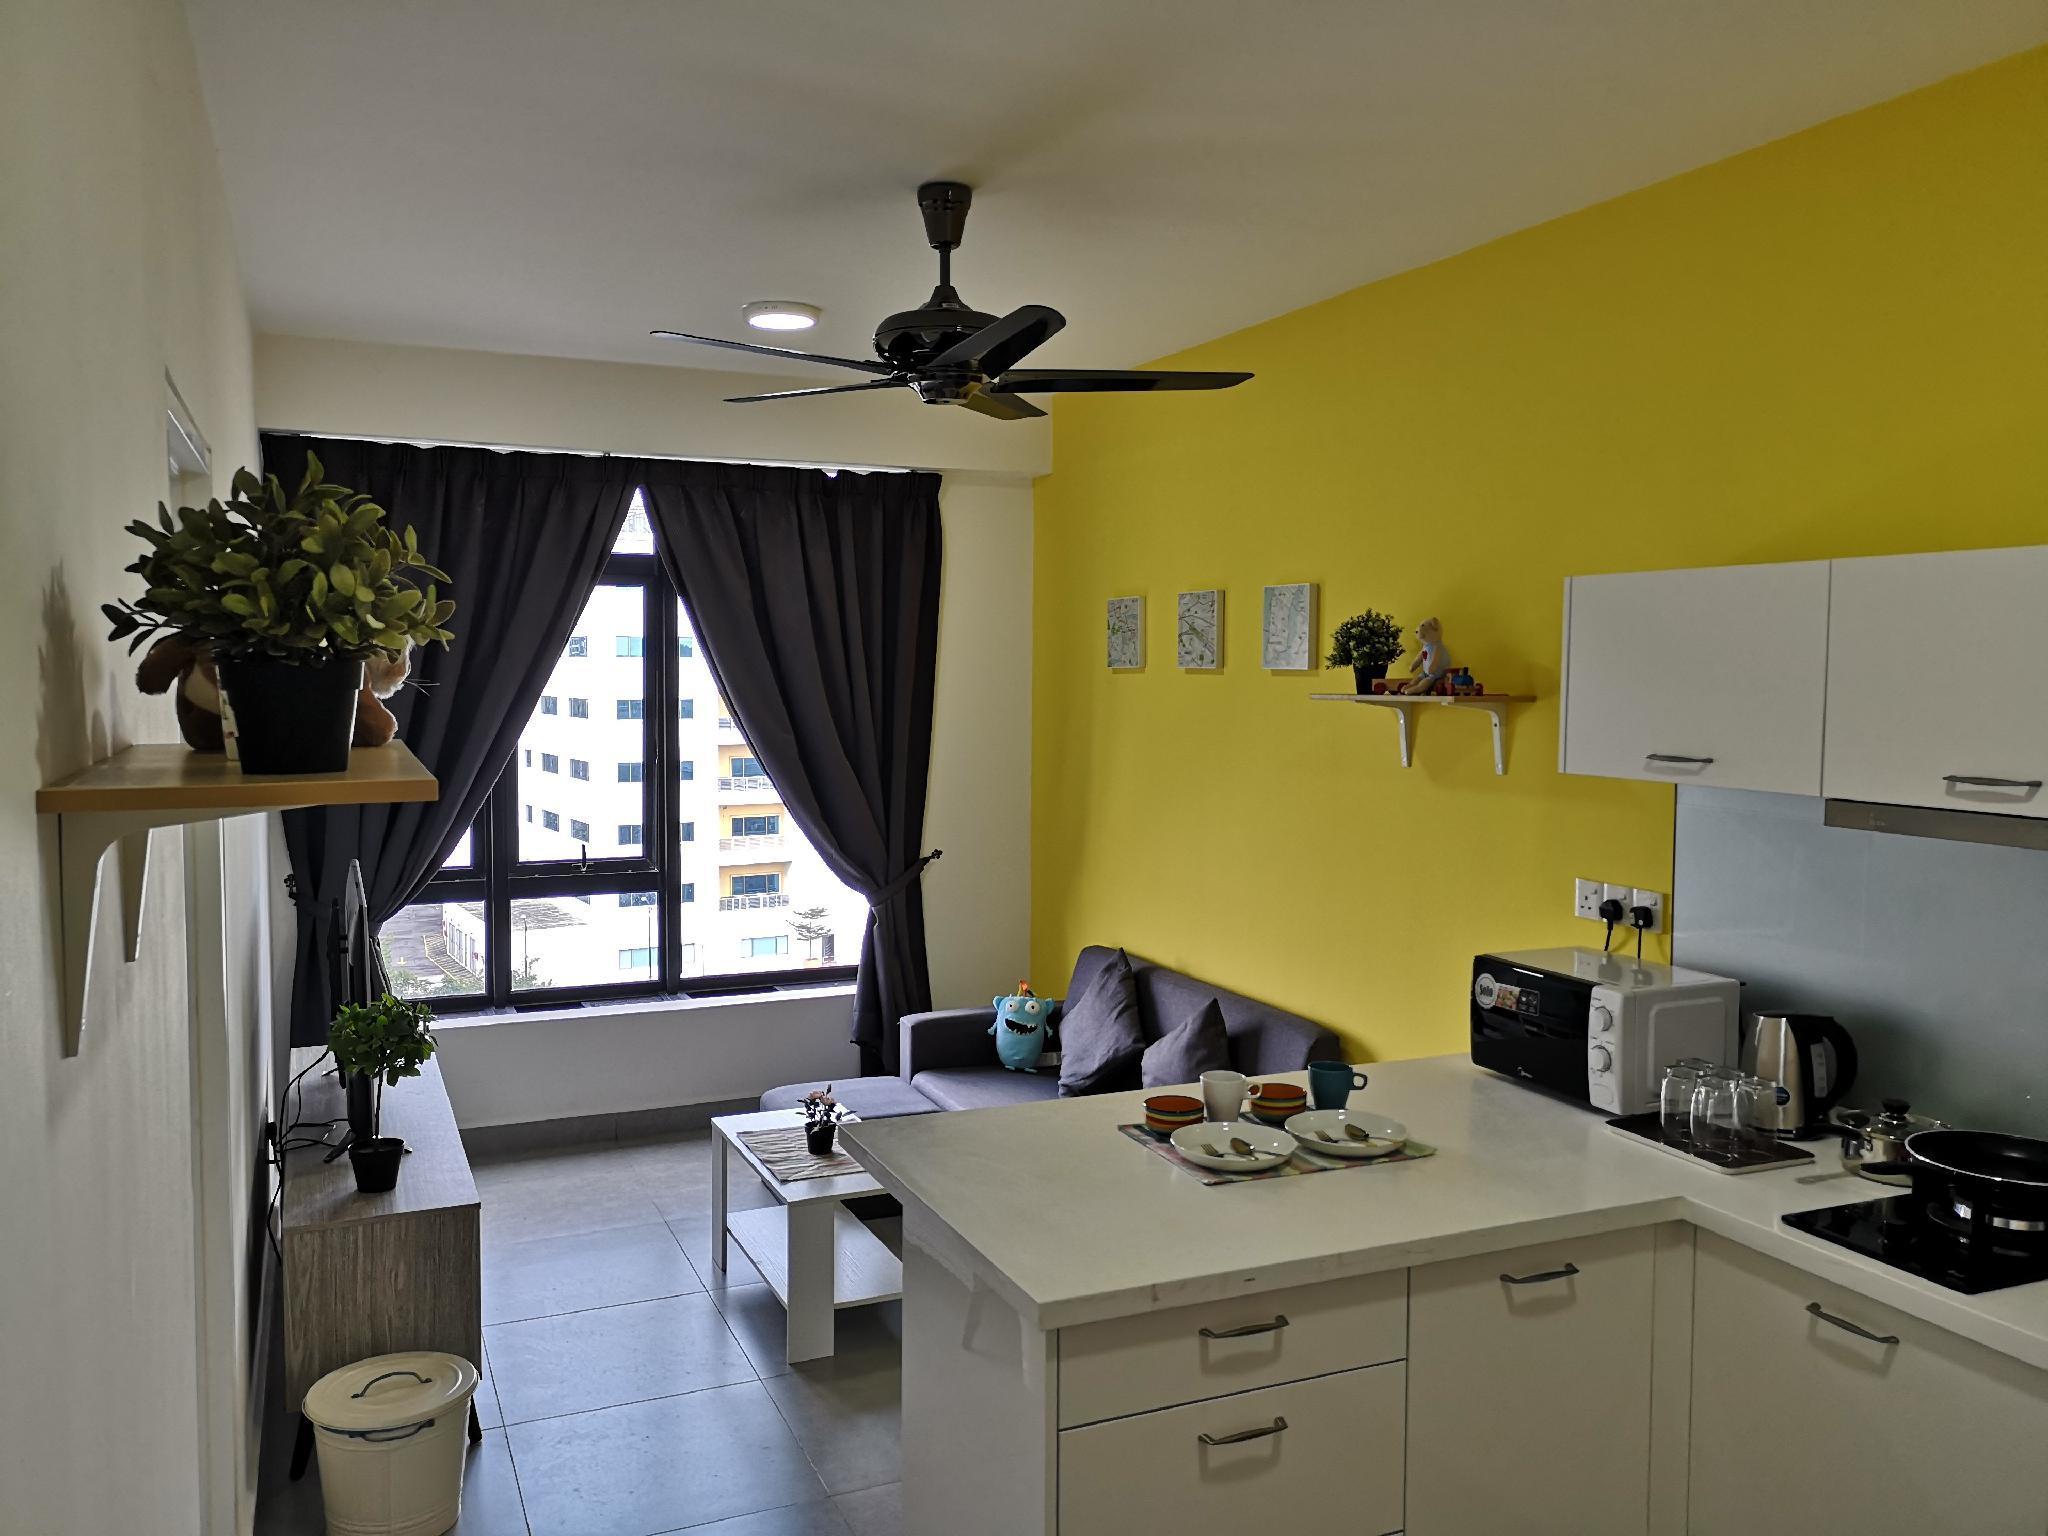 Cozy Home 2 *Free WiFi* Skypool* Gym*Cyberjaya